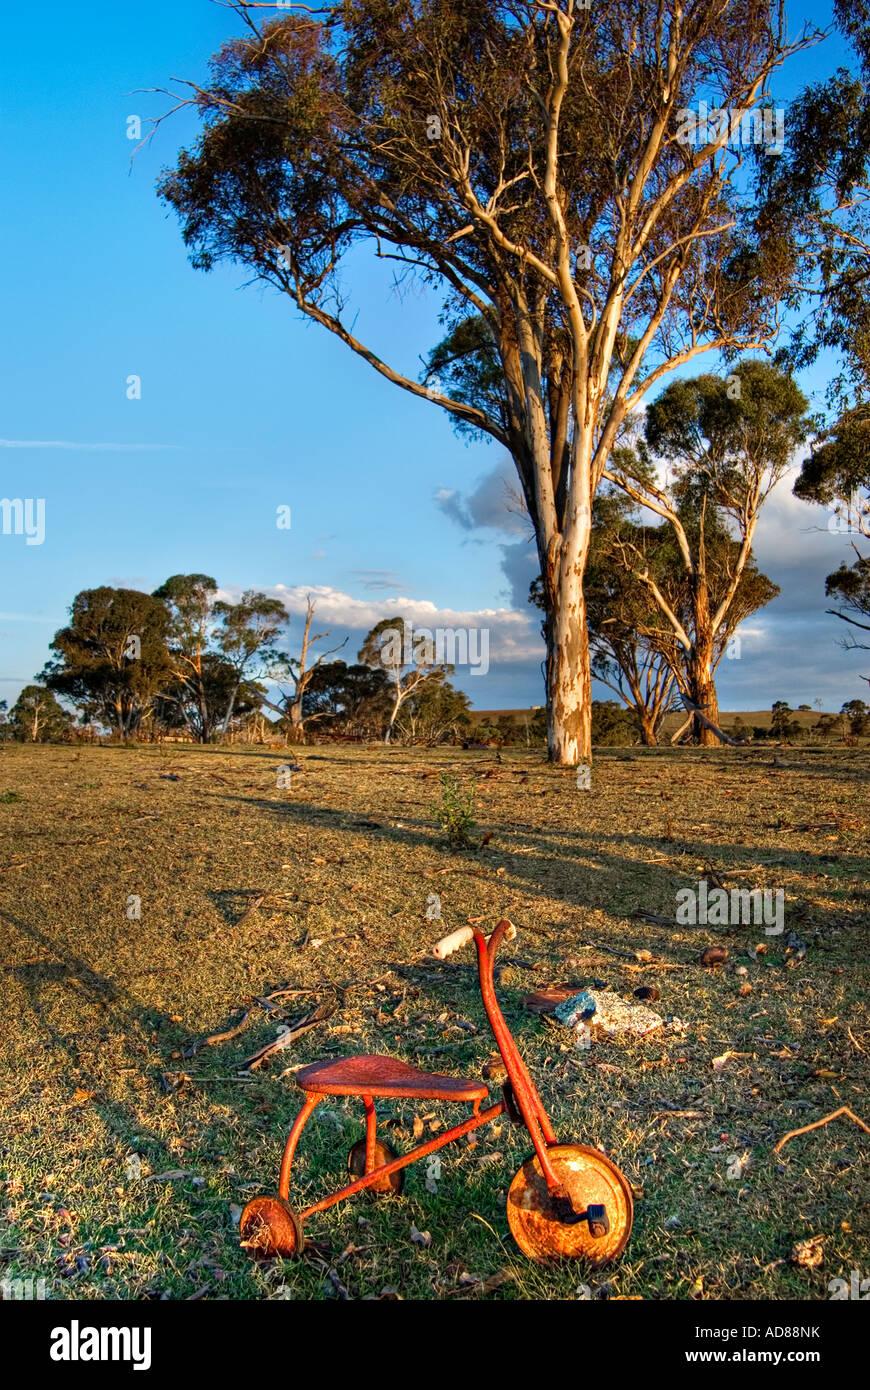 Un viejo triciclo se sienta olvidado en un patio vacío Foto de stock